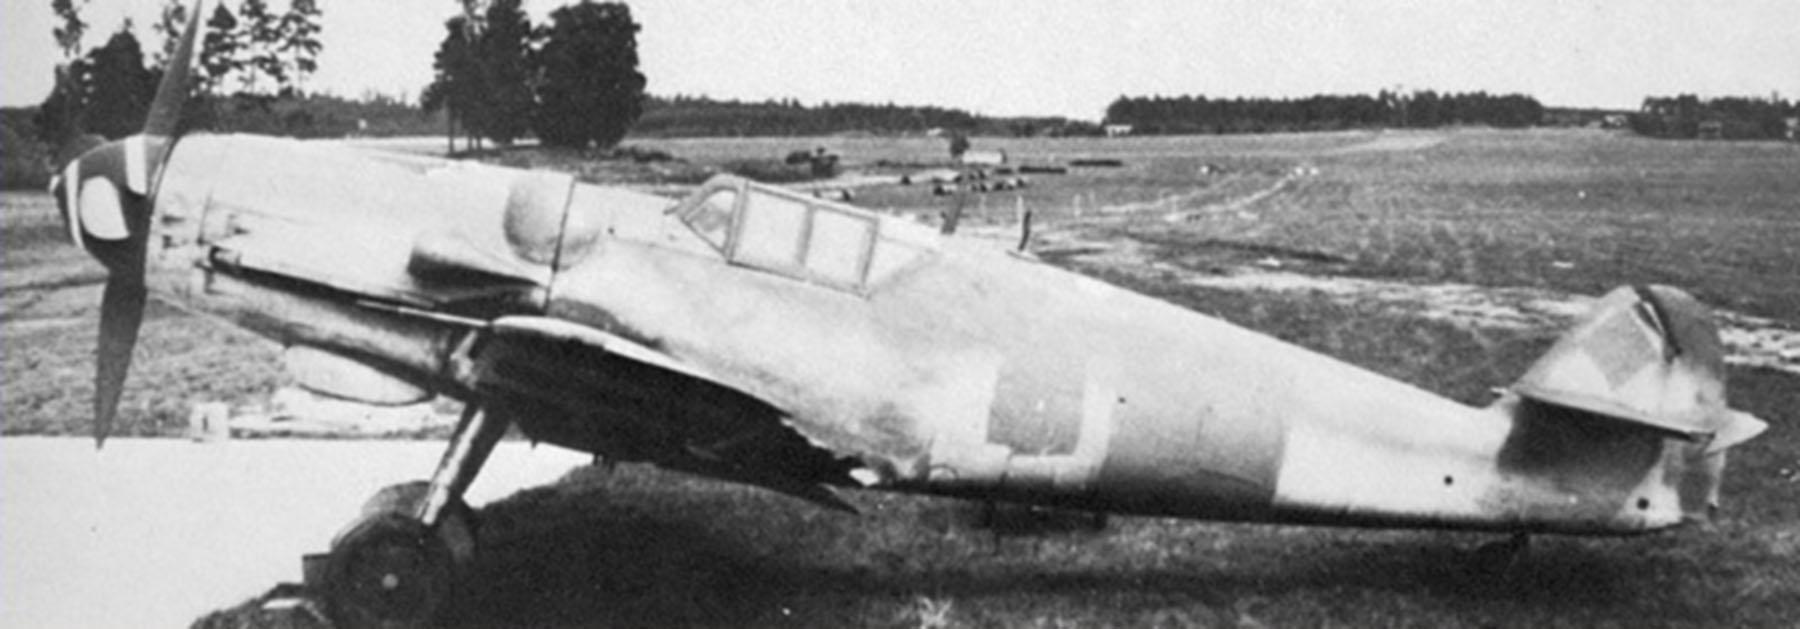 Messerschmitt Bf 109G8 Reichsverteidigung unknown unit and pilot WNr 200049 8th May 1945 01